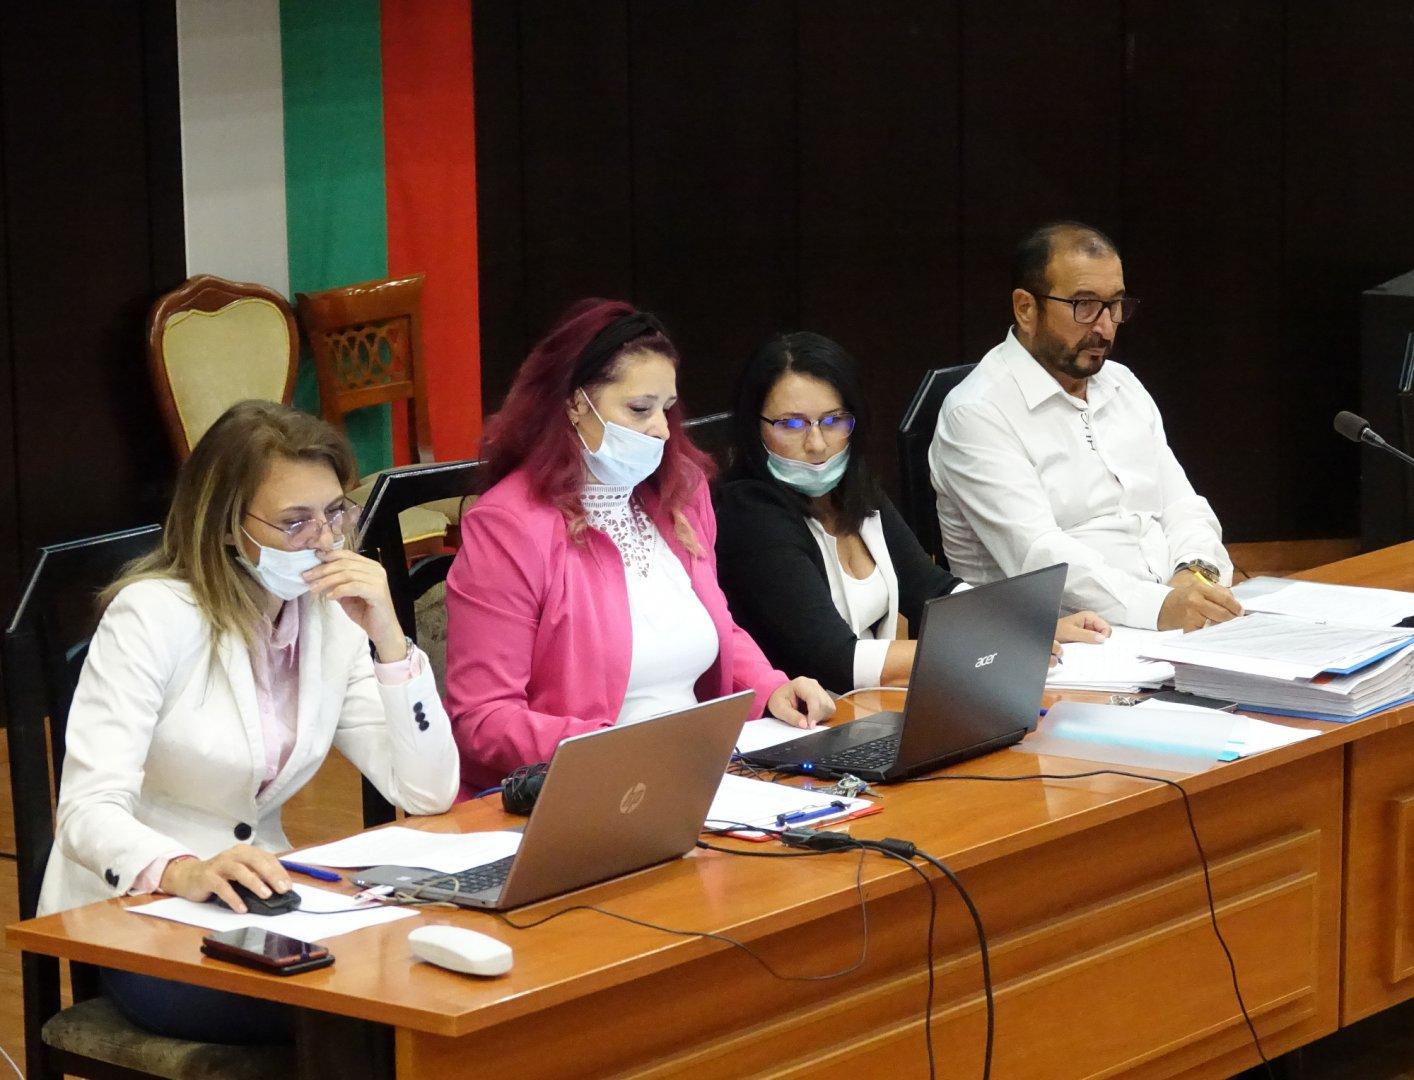 Членовете на Комисията по бюджет и финанси одобриха докладните записки. Снимки ОбС - Варна